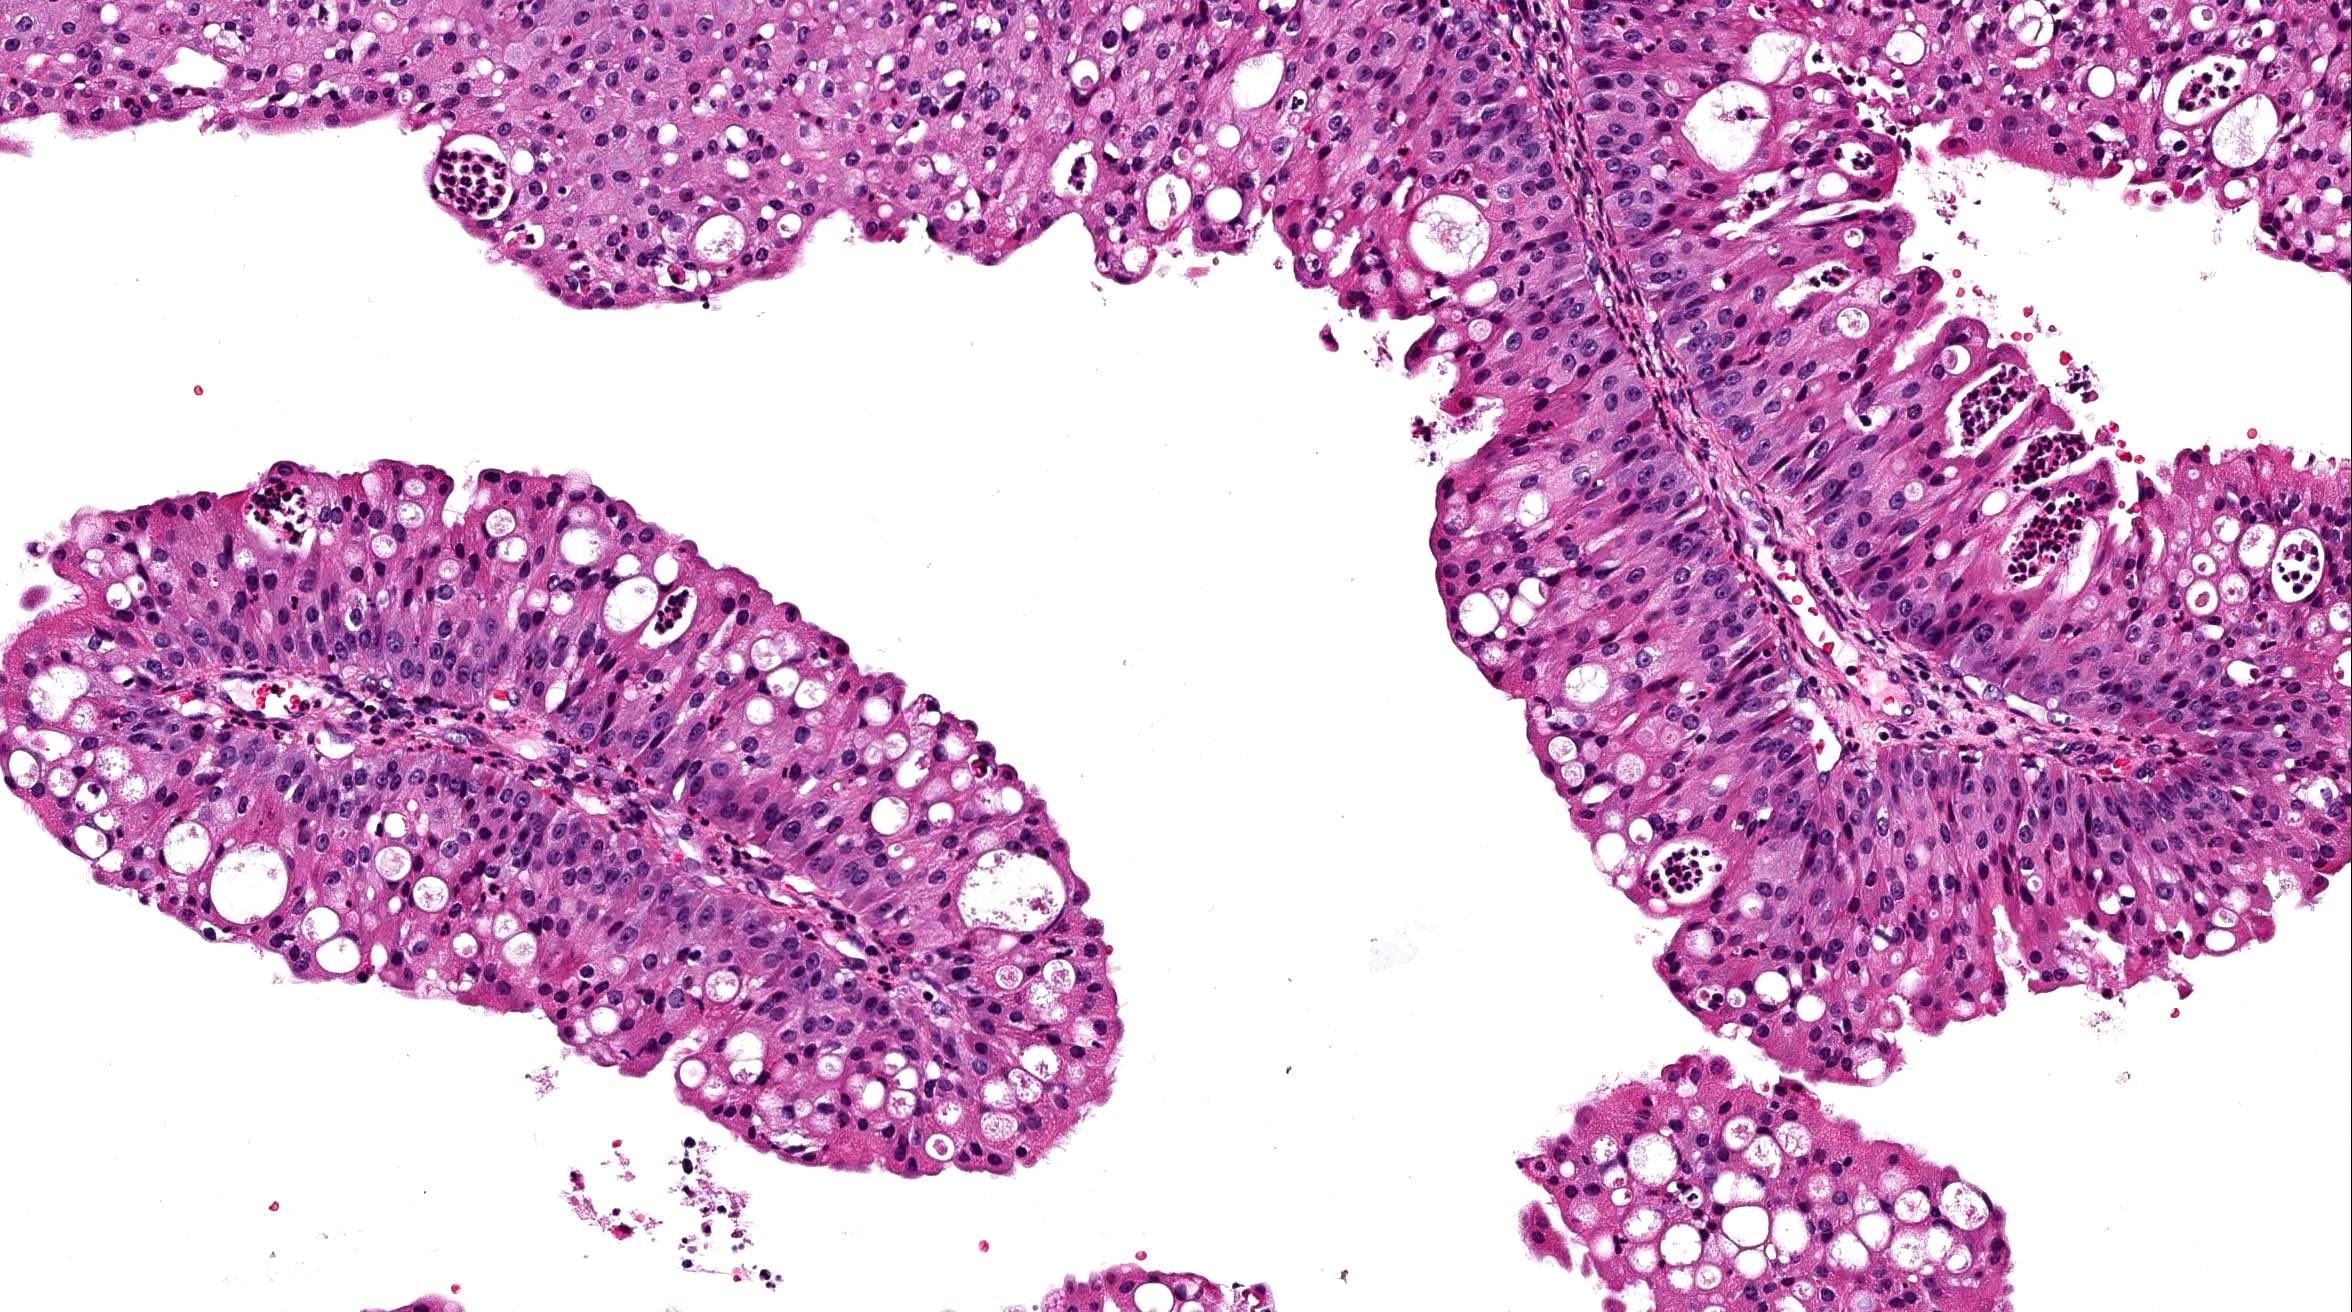 papillon zeugma rooms cancer bucal metastasis